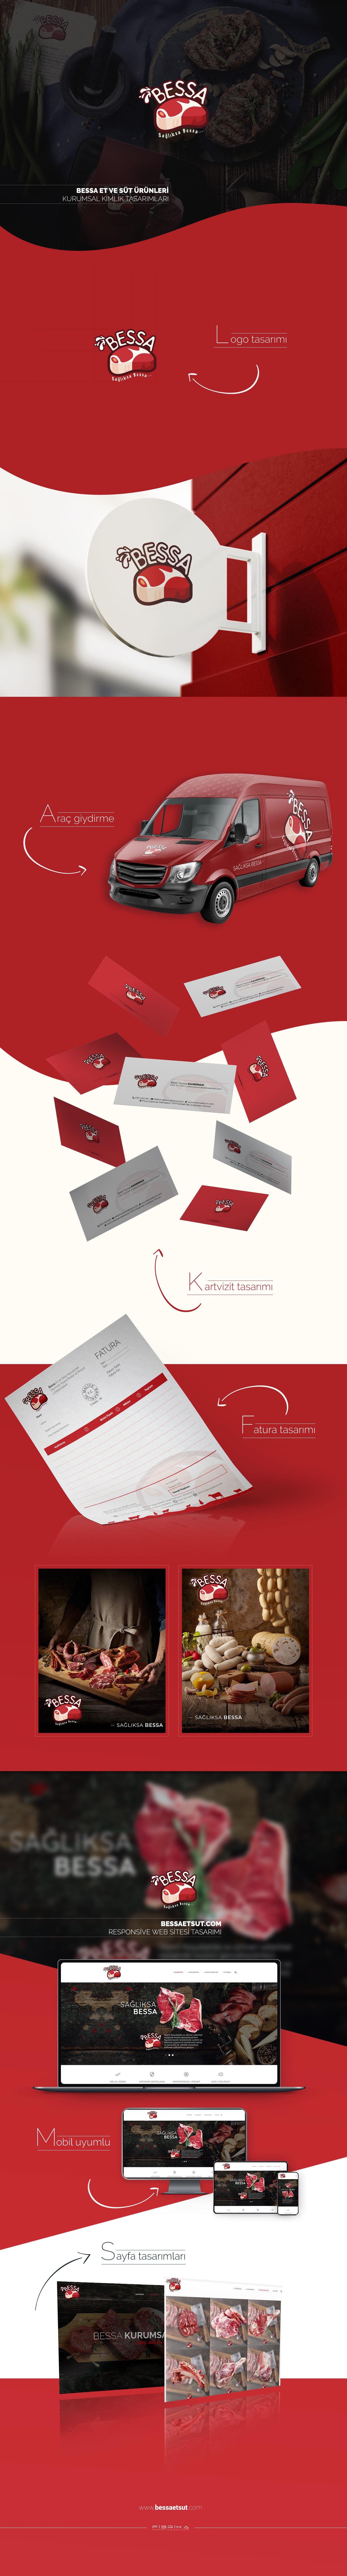 Bessa et ve süt ürünleri marka oluşturma ve logo tasarımı